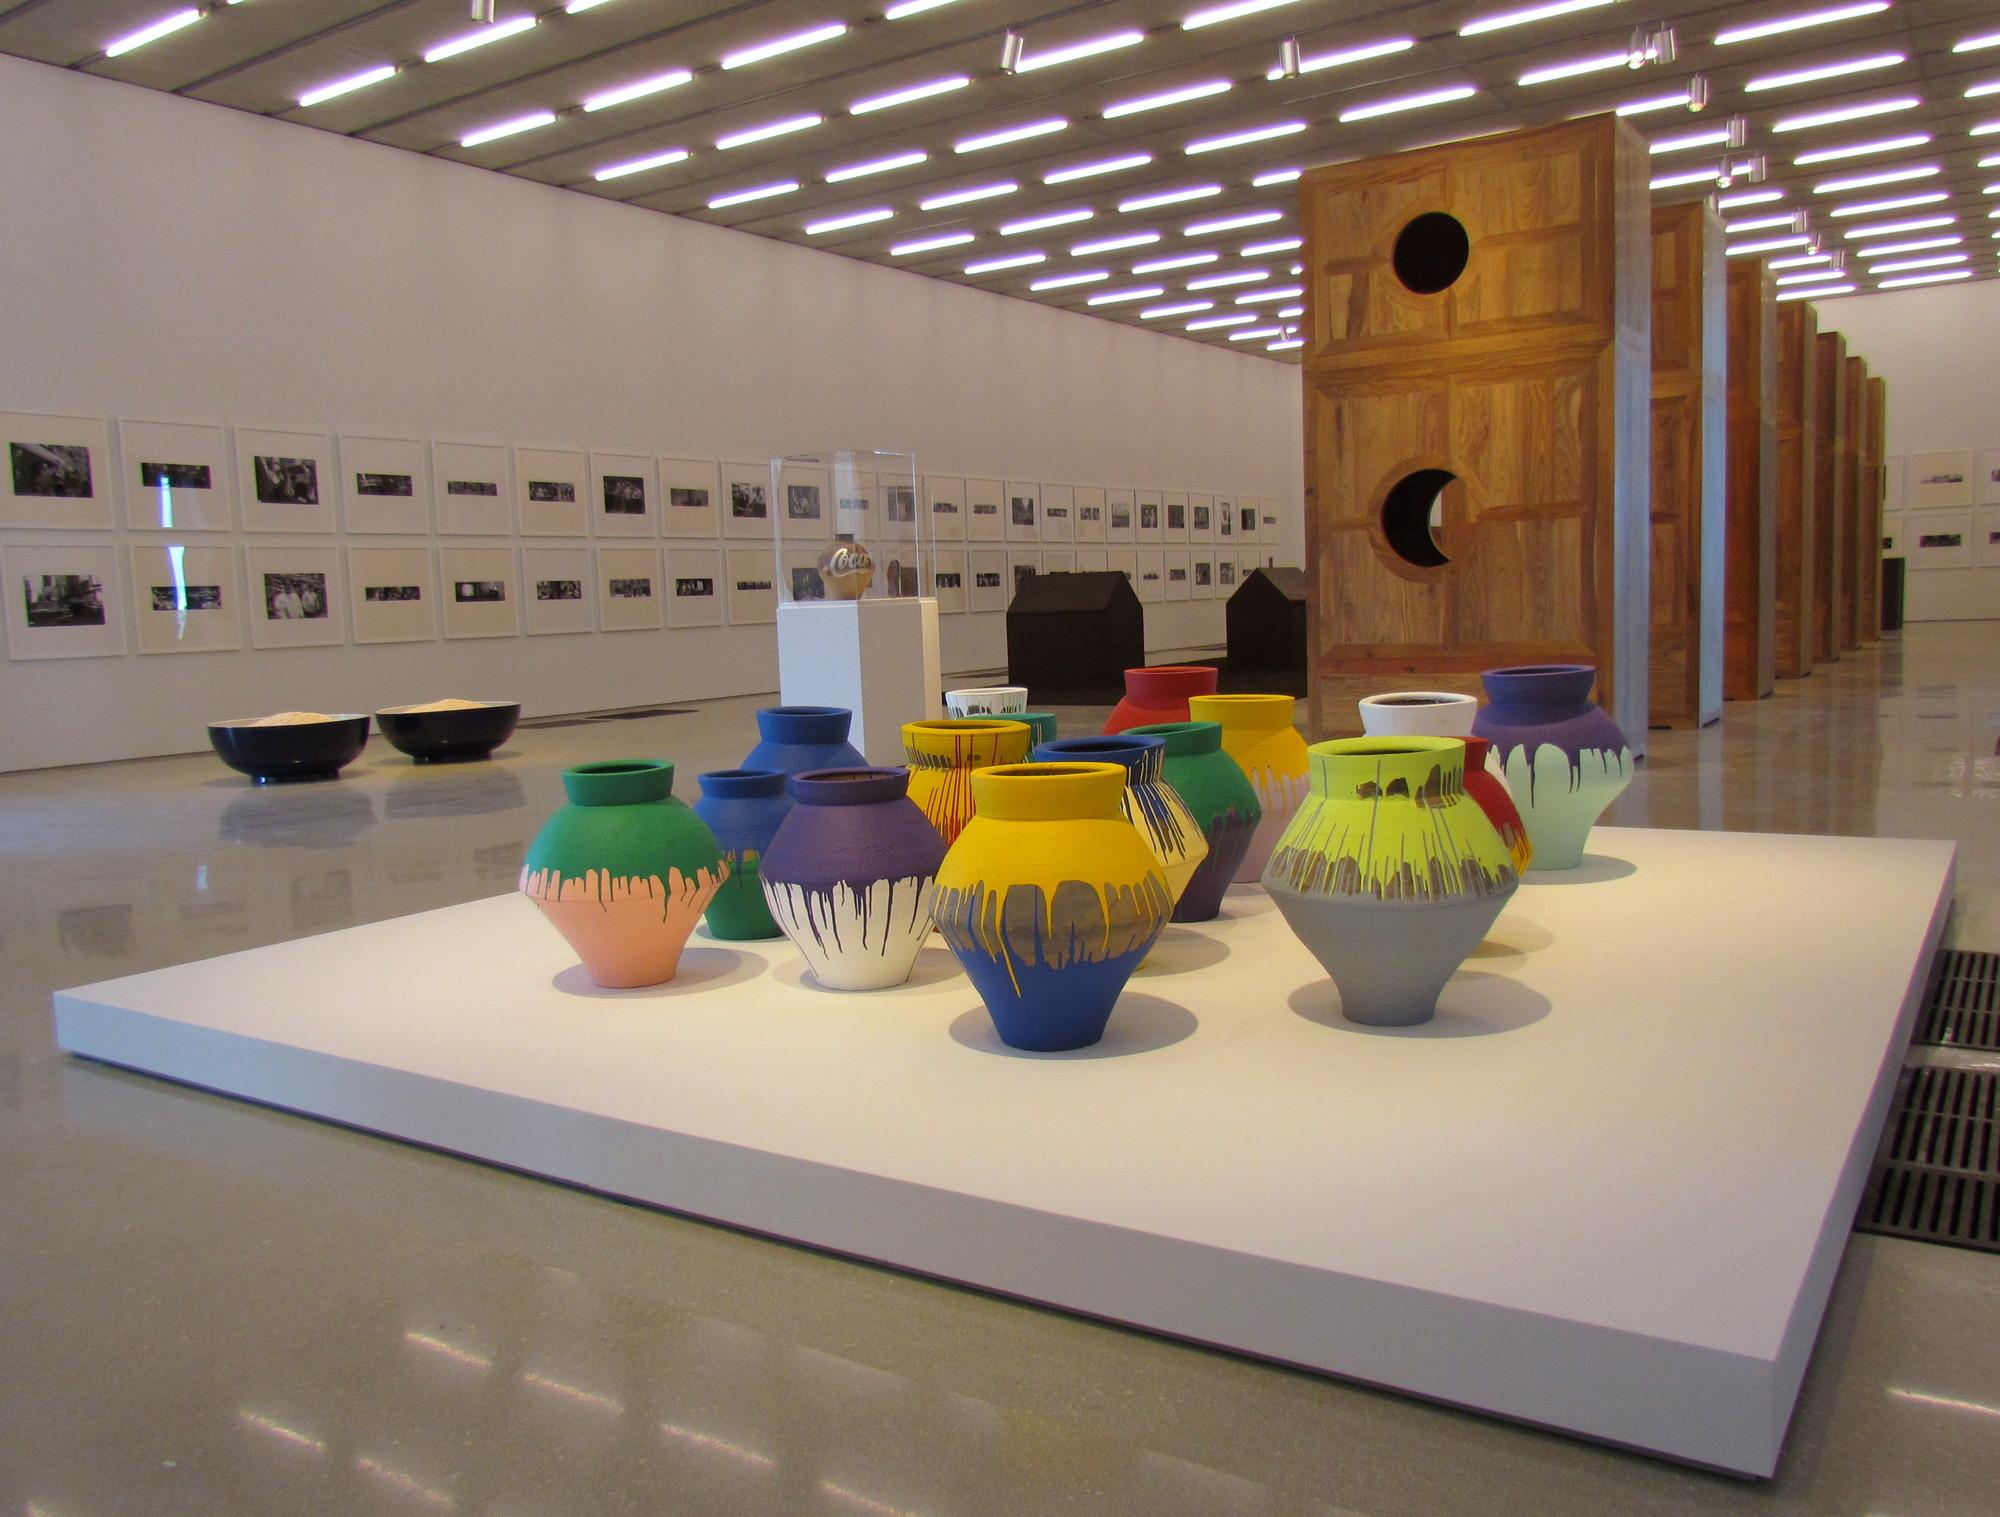 Non-Stick PAMM, Perez Art Museum Miami / Herzog and de Meuron. Image © Paul Clemence